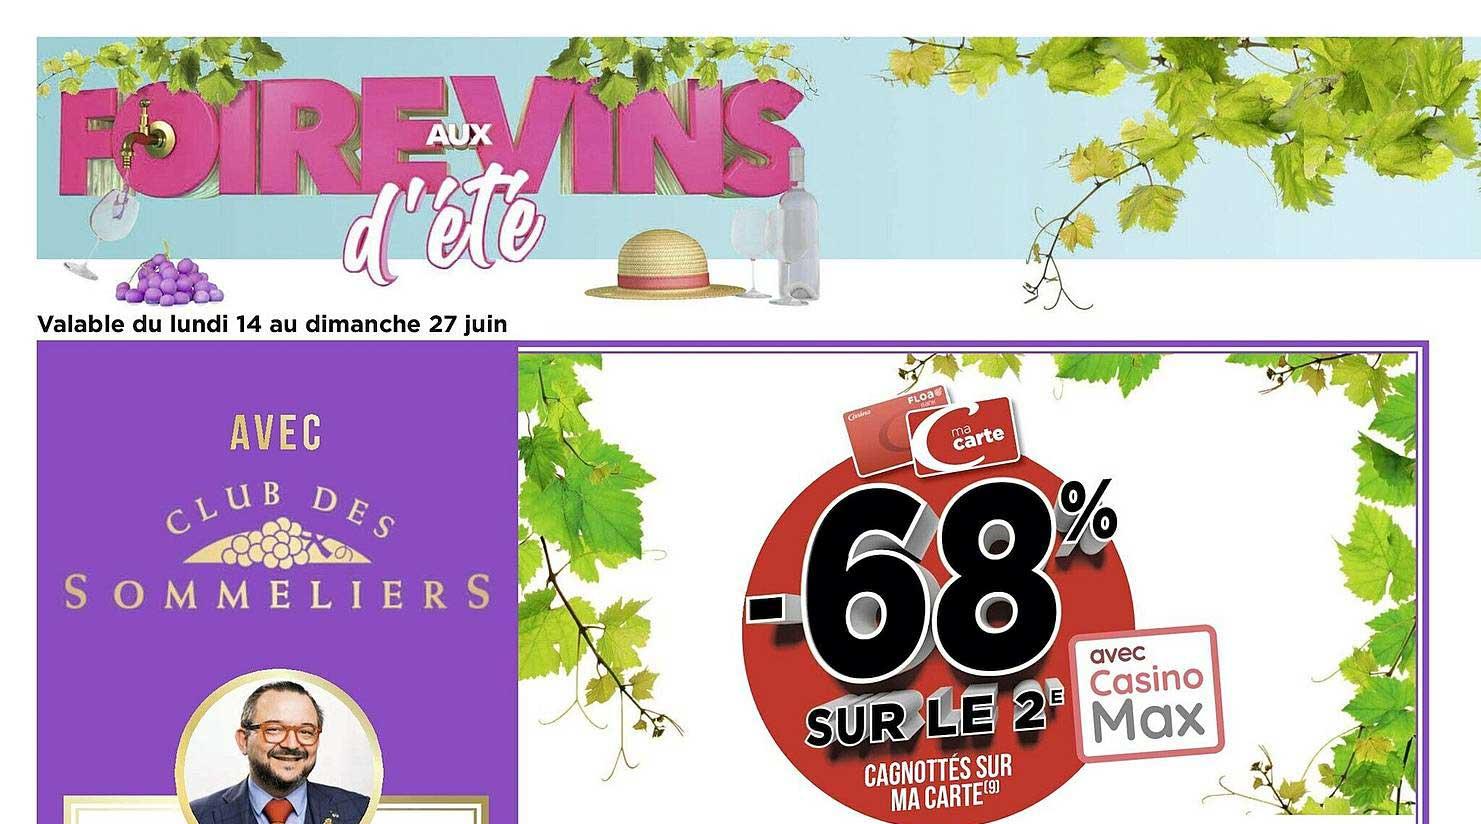 Casino Supermarchés Foire Aux Vins D'été